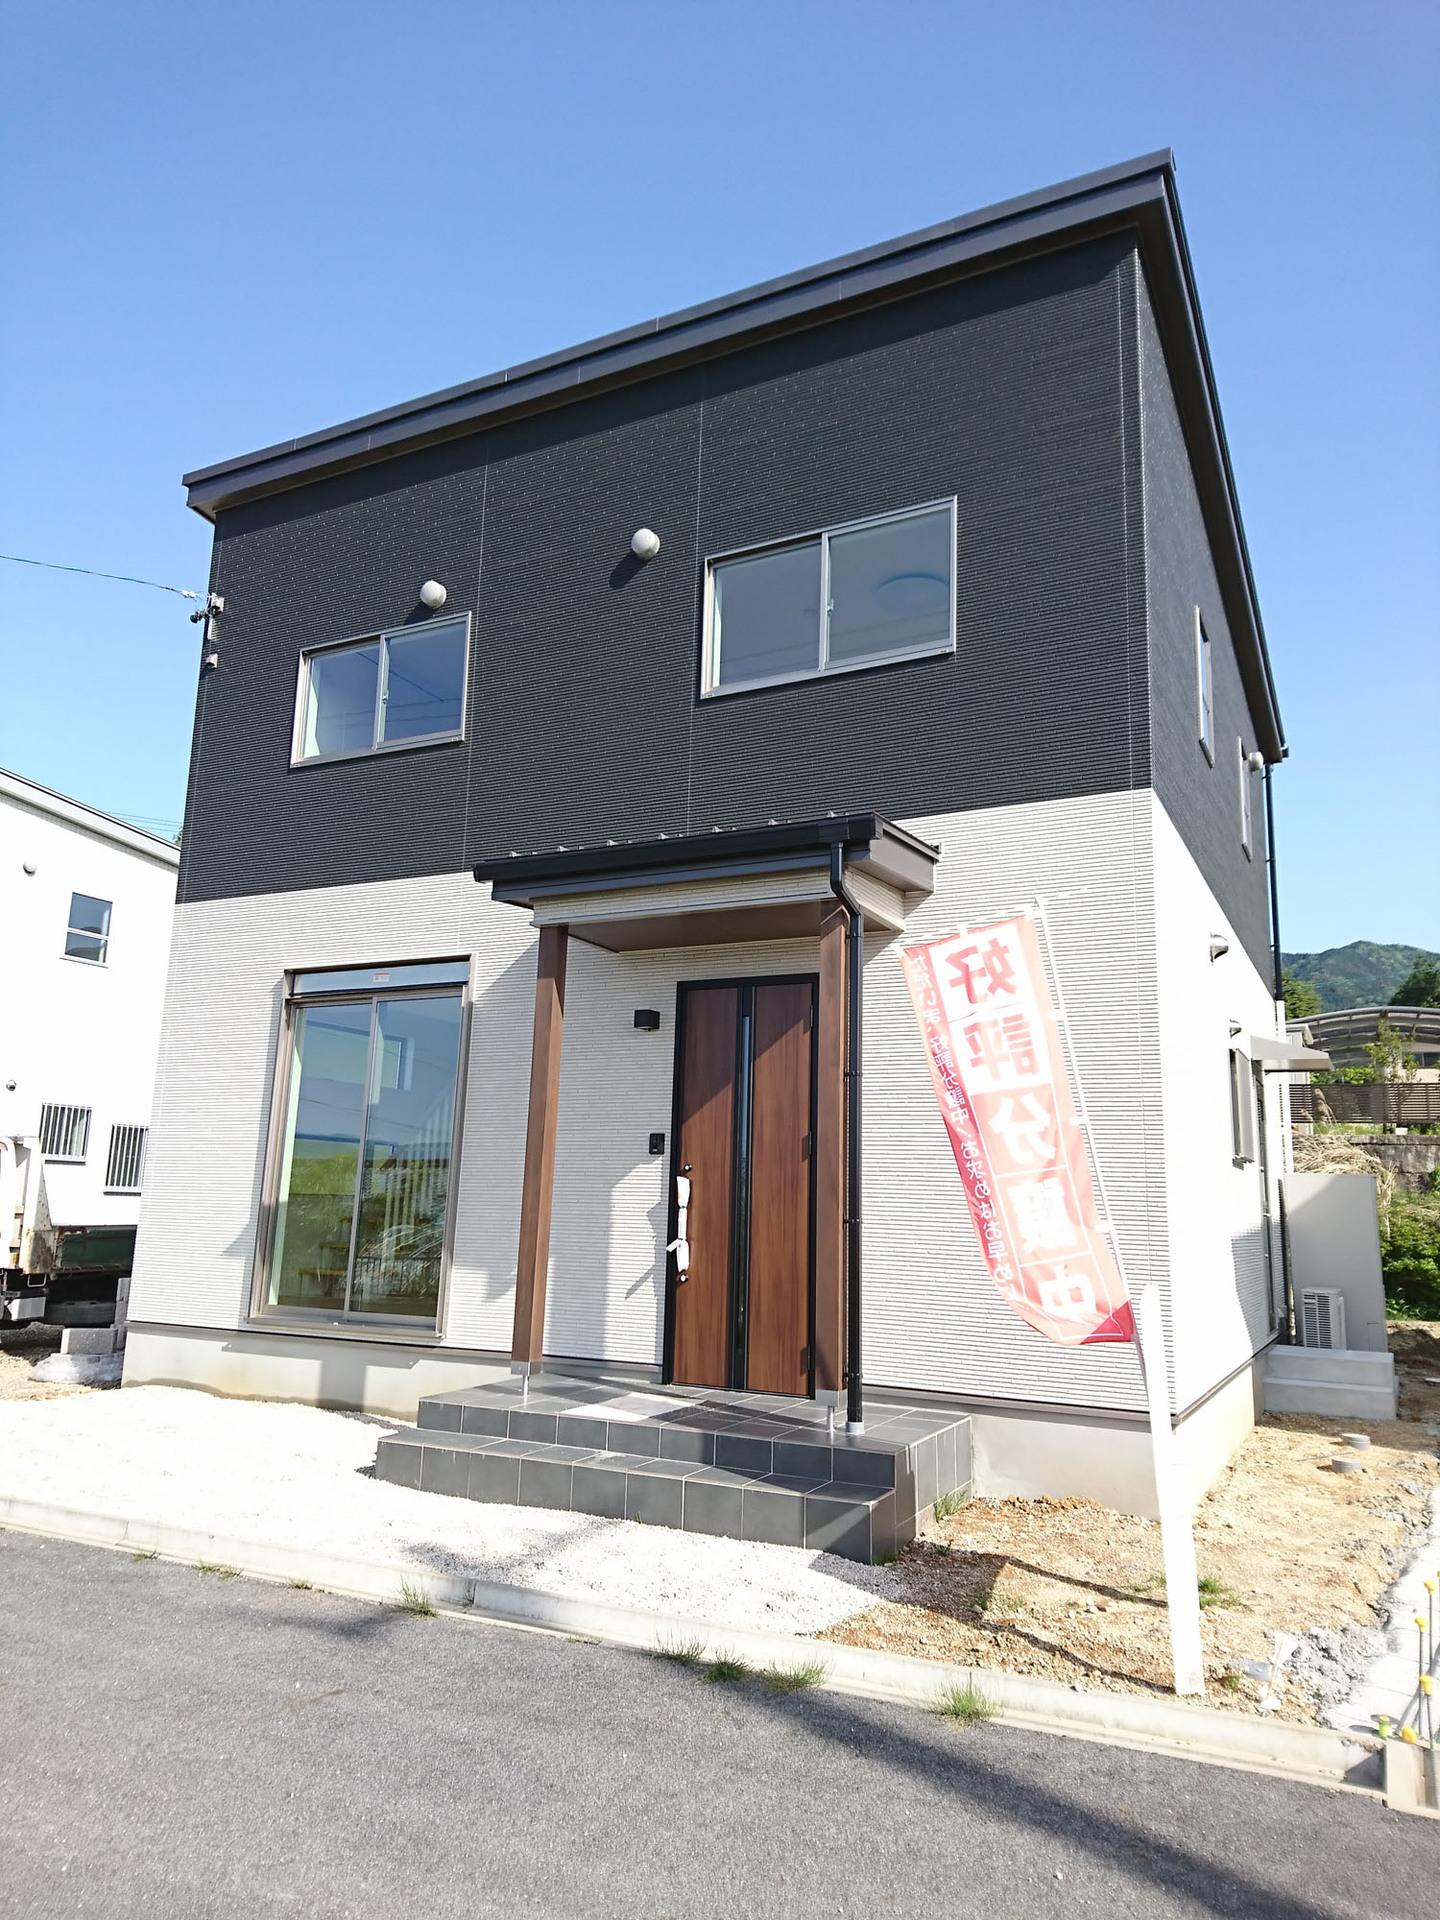 【外観写真】 外壁は黒と白のツートンカラー♪ 平成30年5月撮影